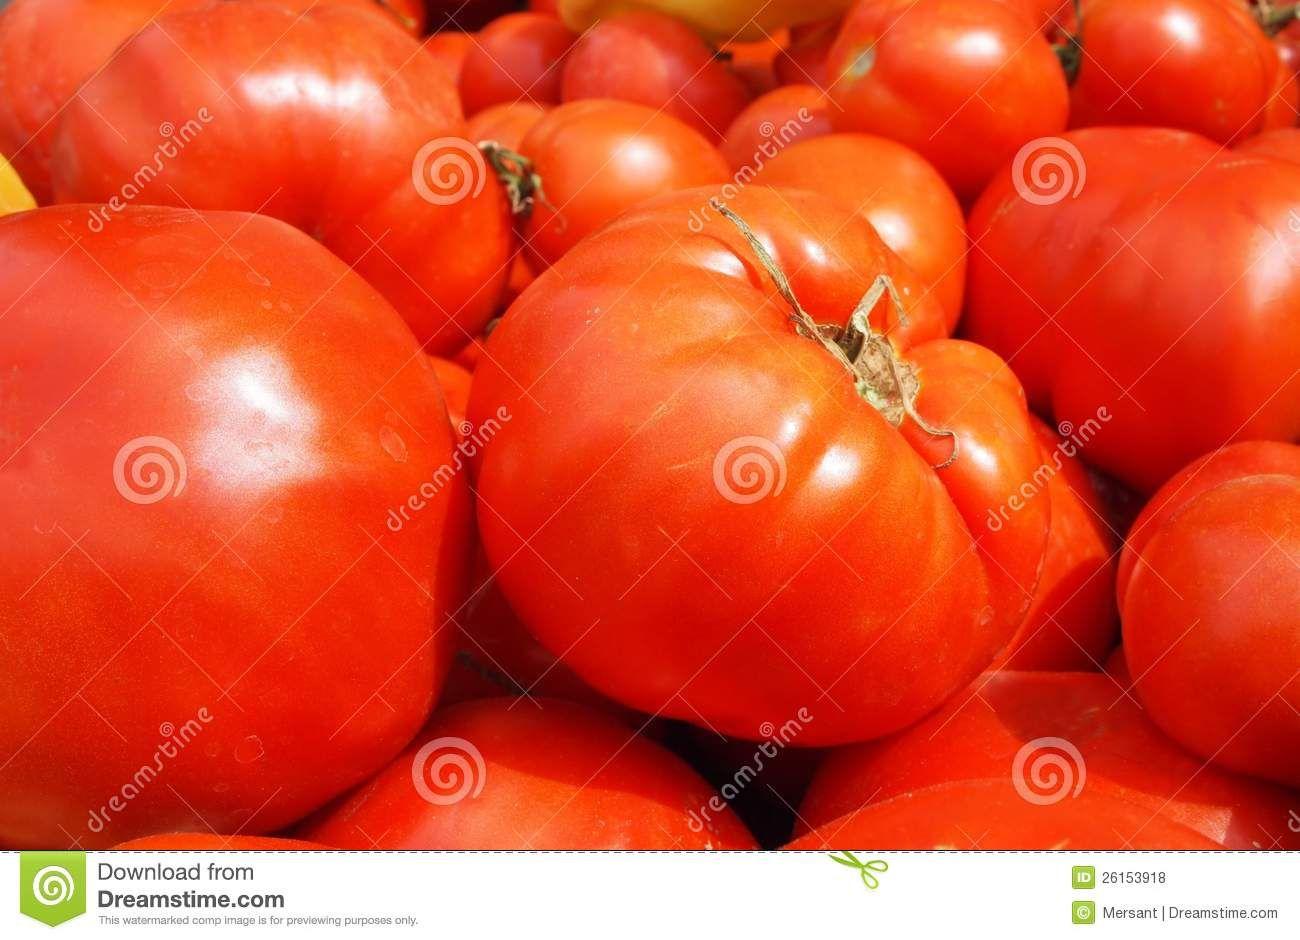 Many, fresh tomatoes without background